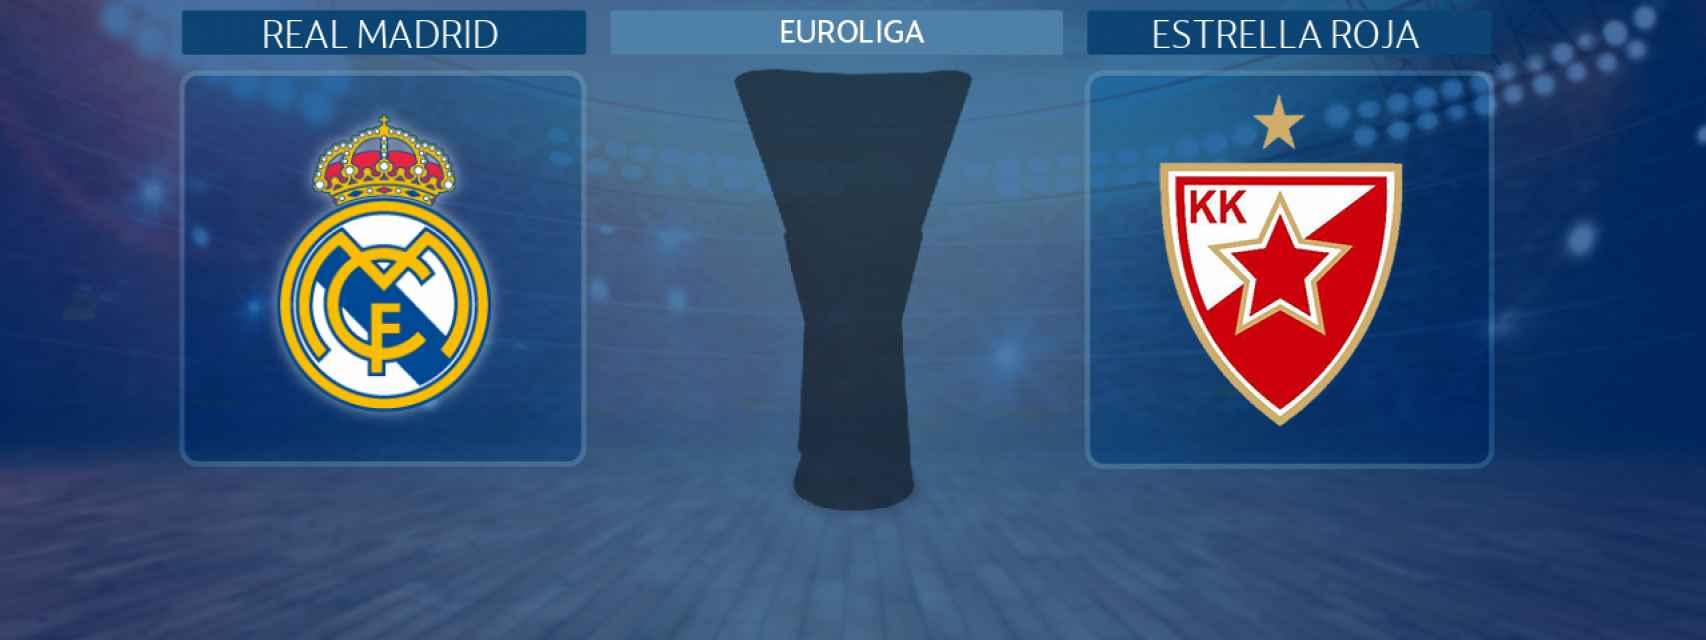 Real Madrid - Estrella Roja, partido de la Euroliga